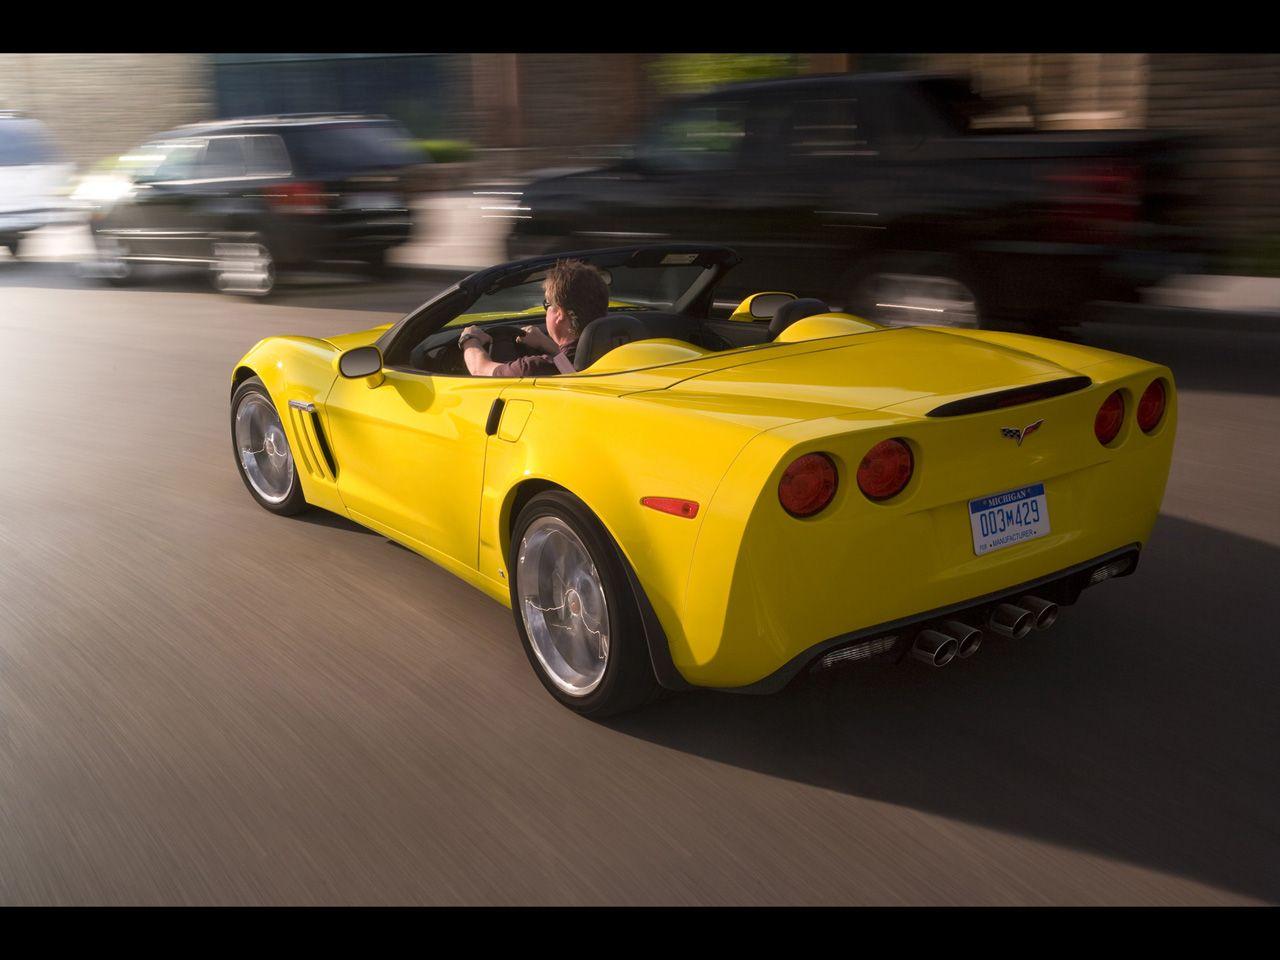 2013 Corvette Grand Sport commemorative edition. From